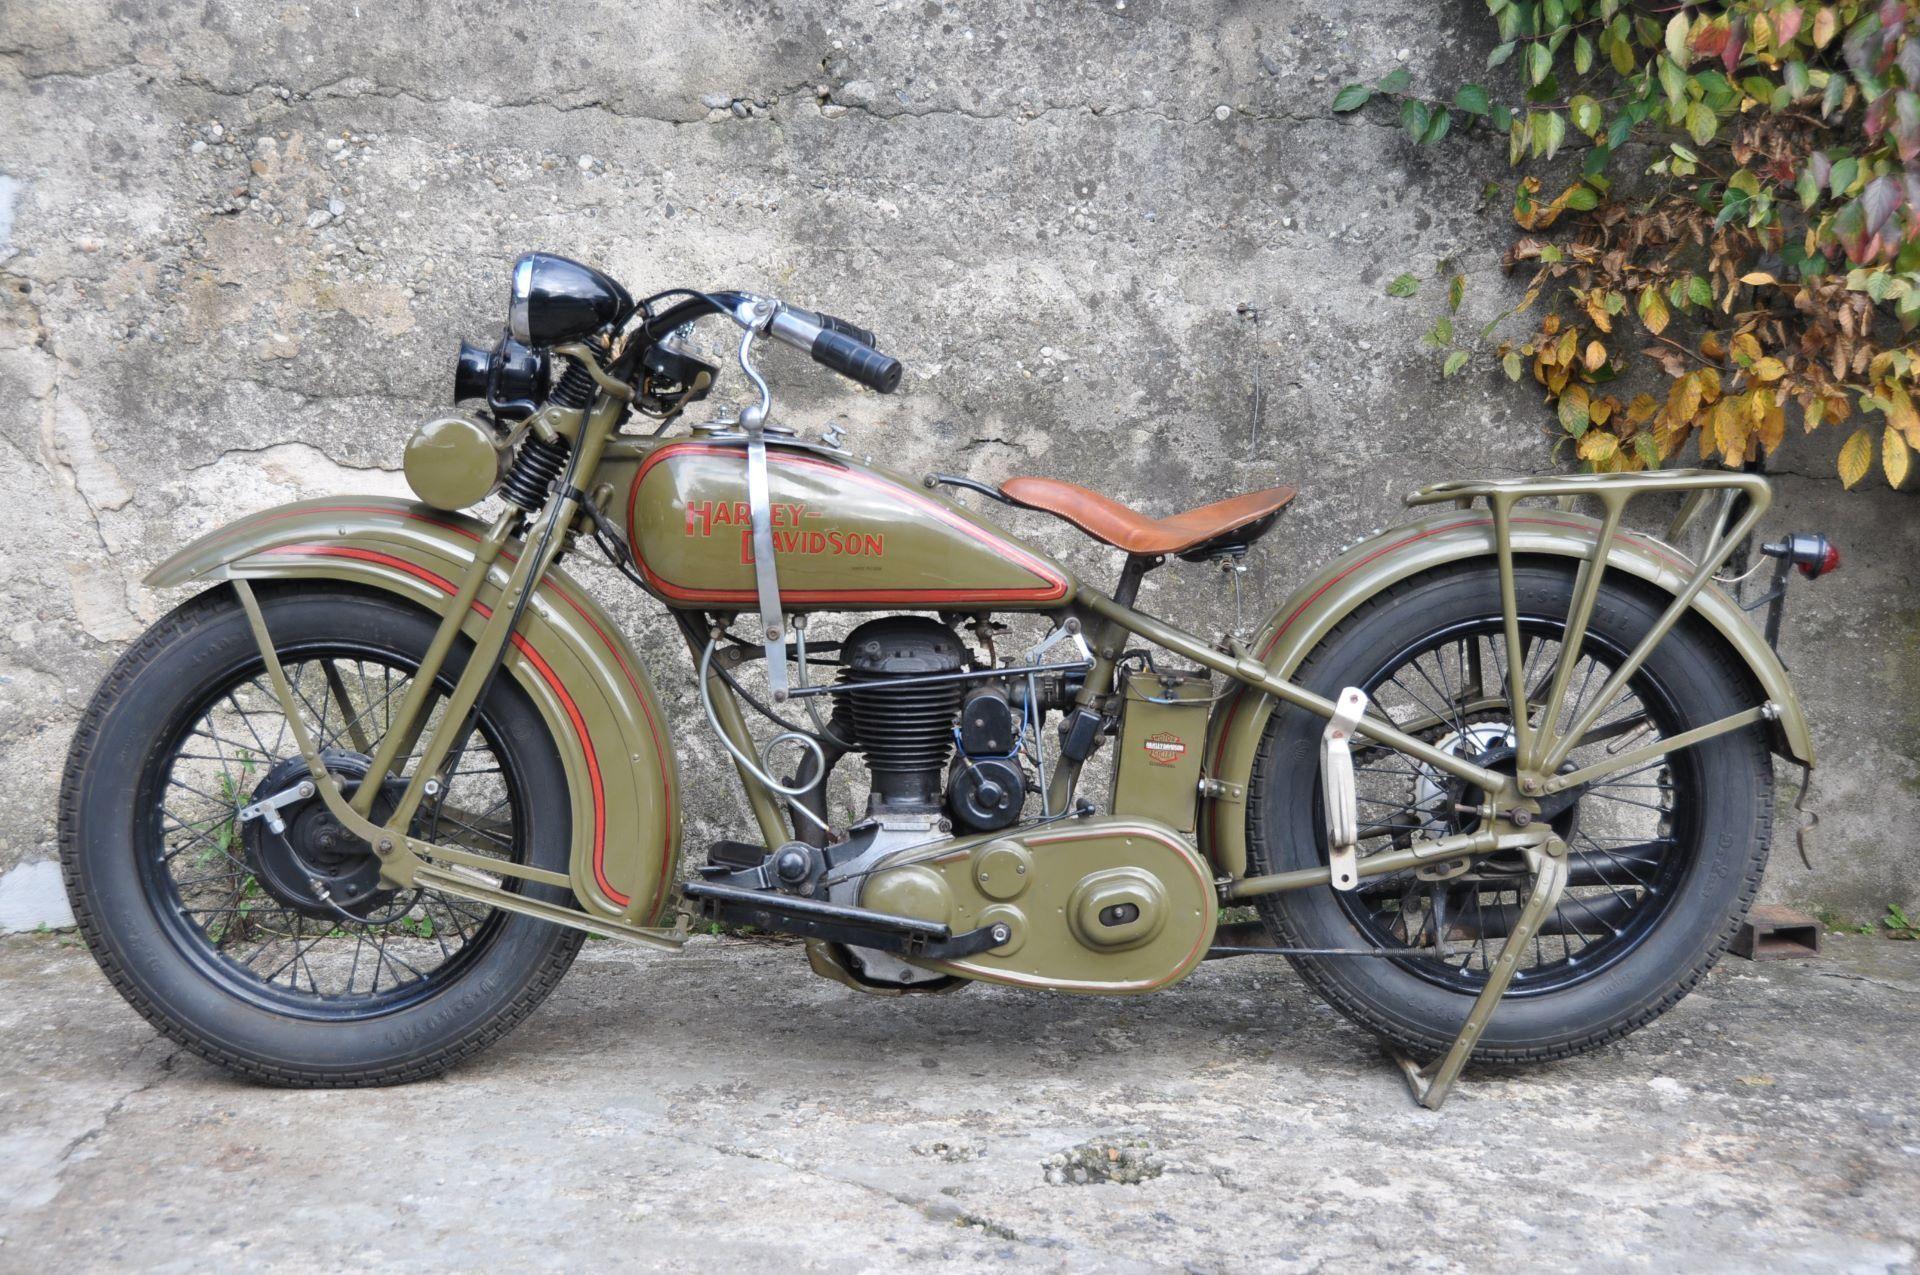 Motorrad oldtimer kaufen harley davidson model c sv single l chinger classic motors ag - Sigle harley davidson ...